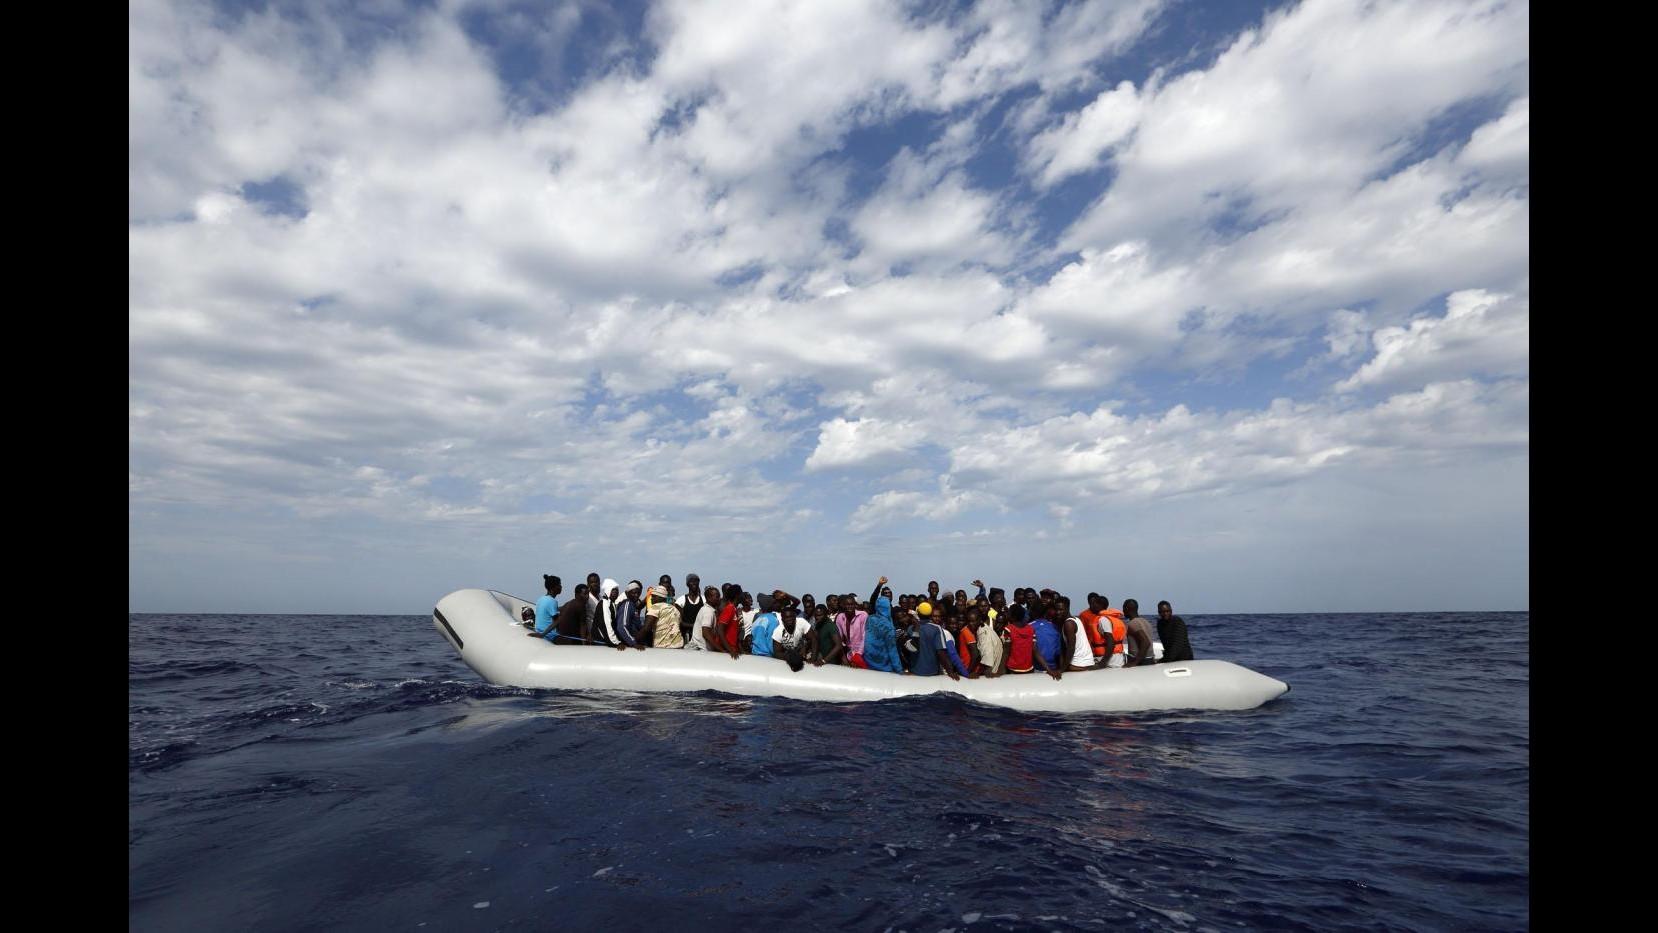 Sbarchi, da Oxfam e 7 ong appello a Italia e Ue per fermare strage